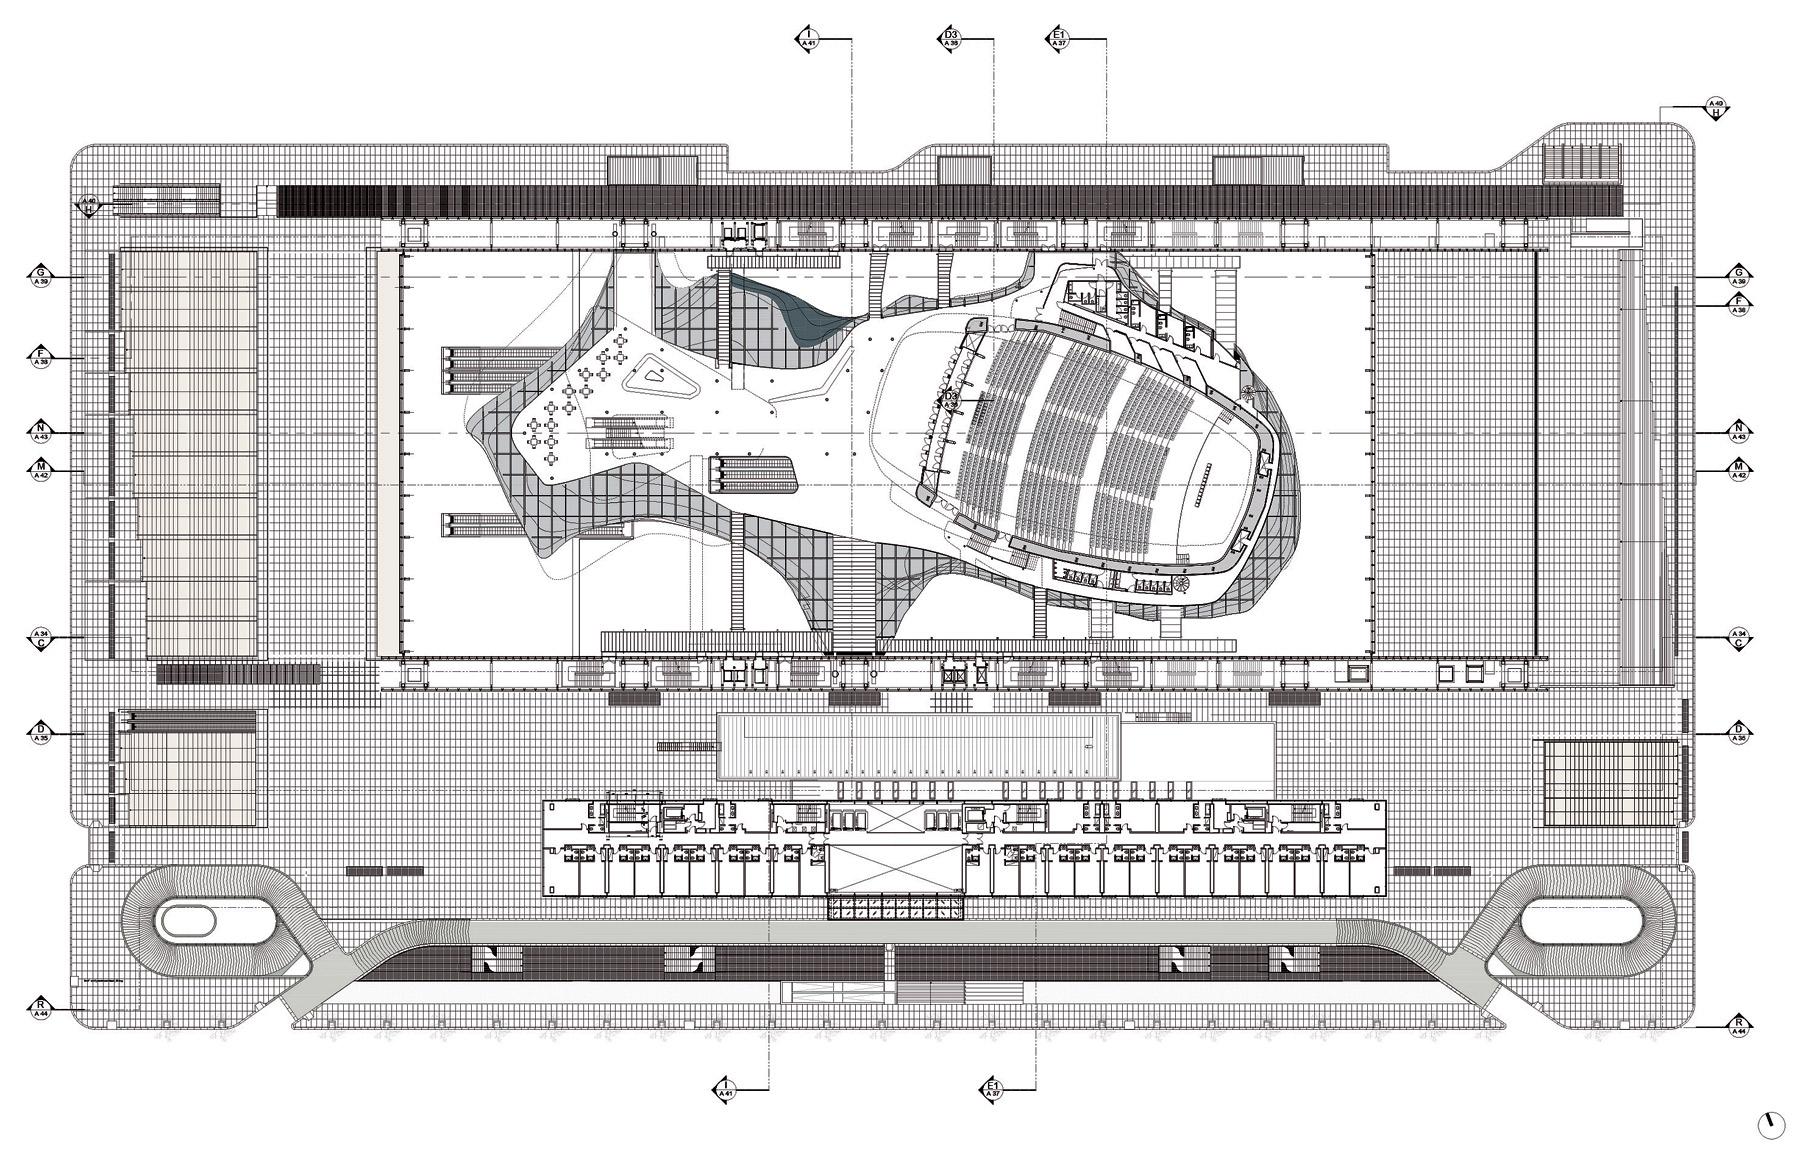 Studio Fuksas PA06 N 3 Plan Level 3 quota 45 66